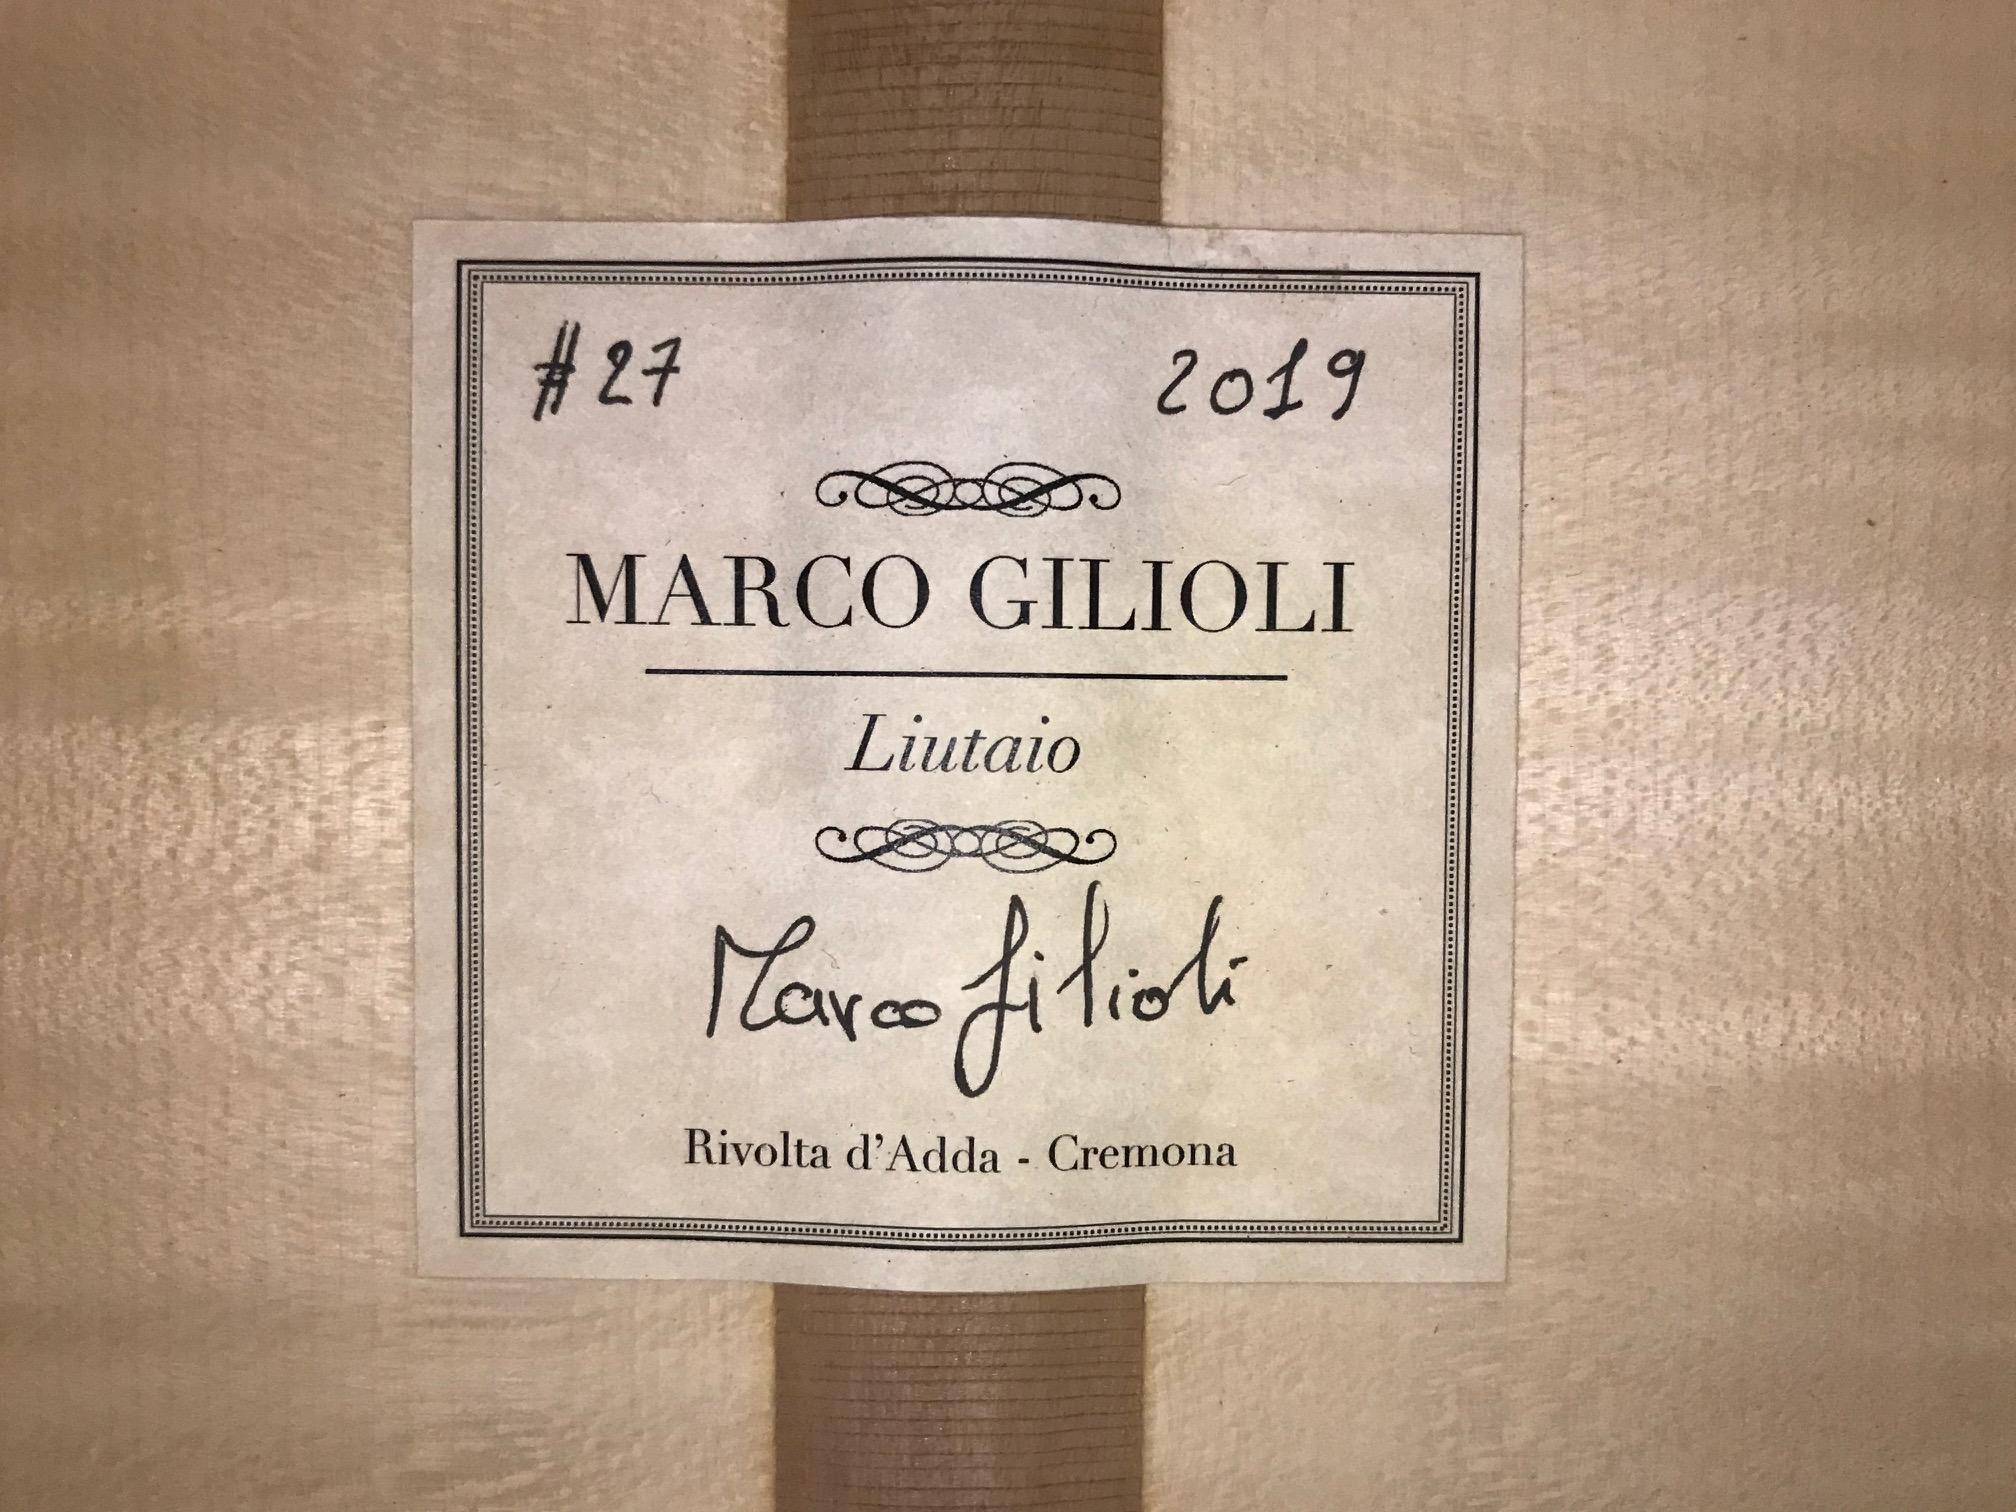 Marco Giliolo 2019